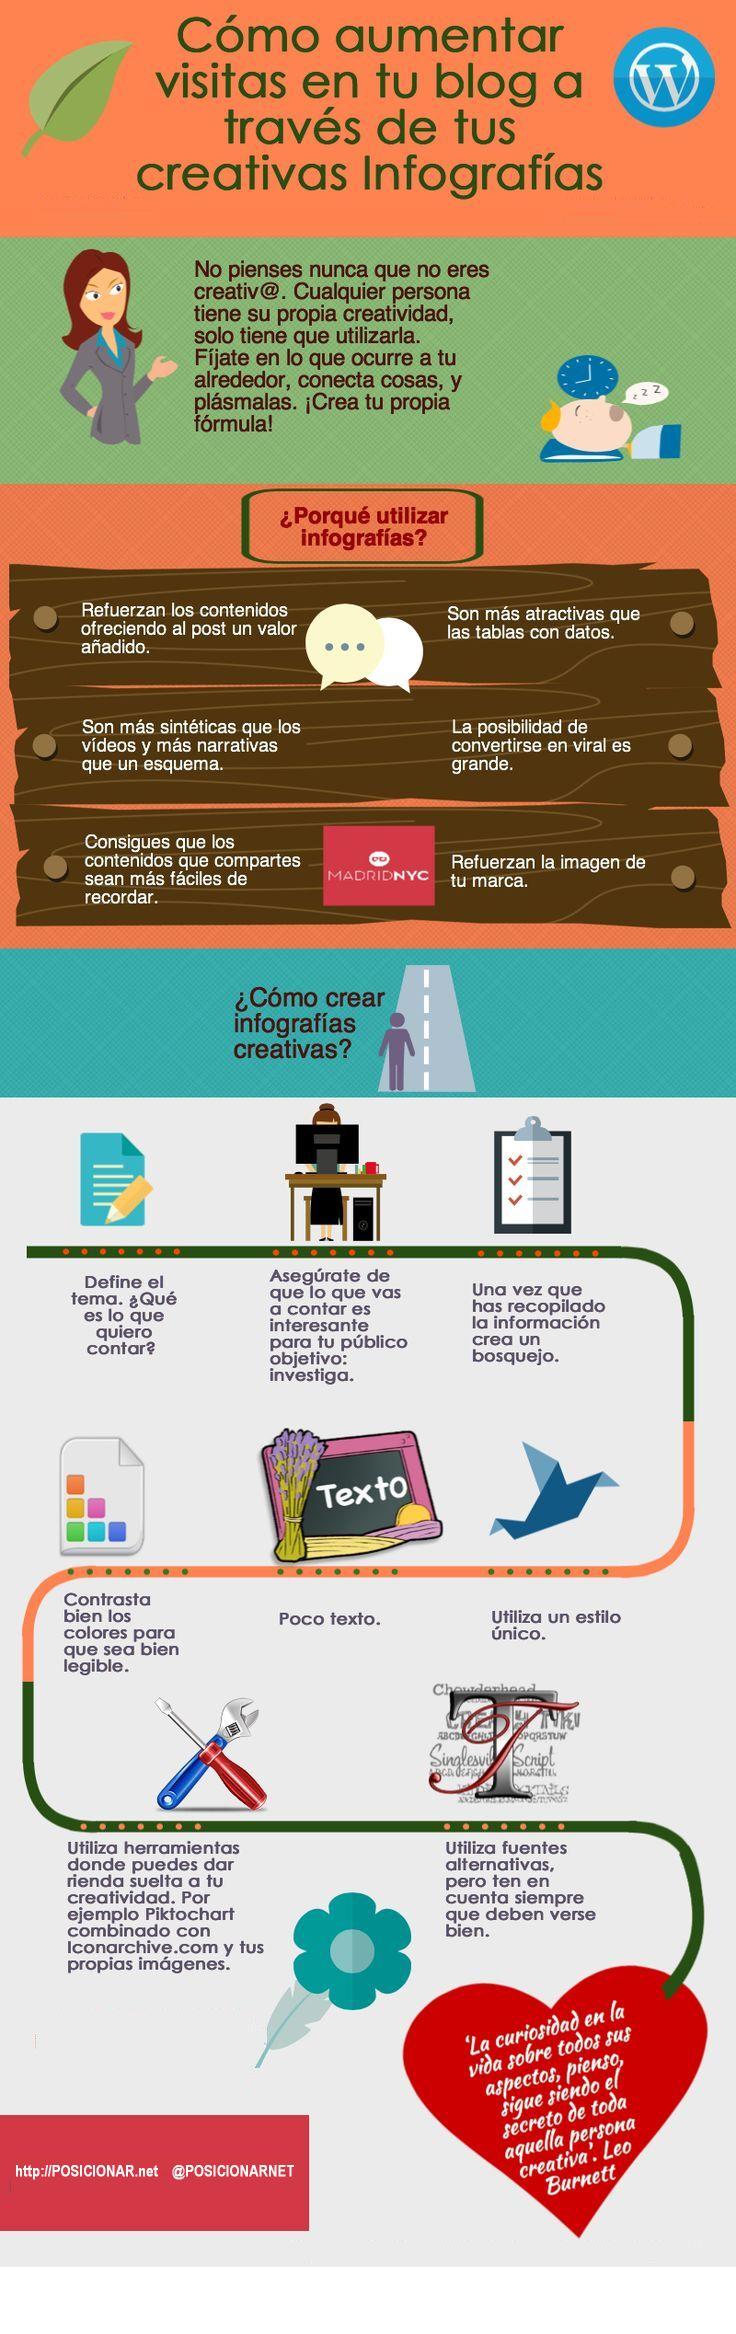 Más visitas en tu blog a través de tus infografías creativas